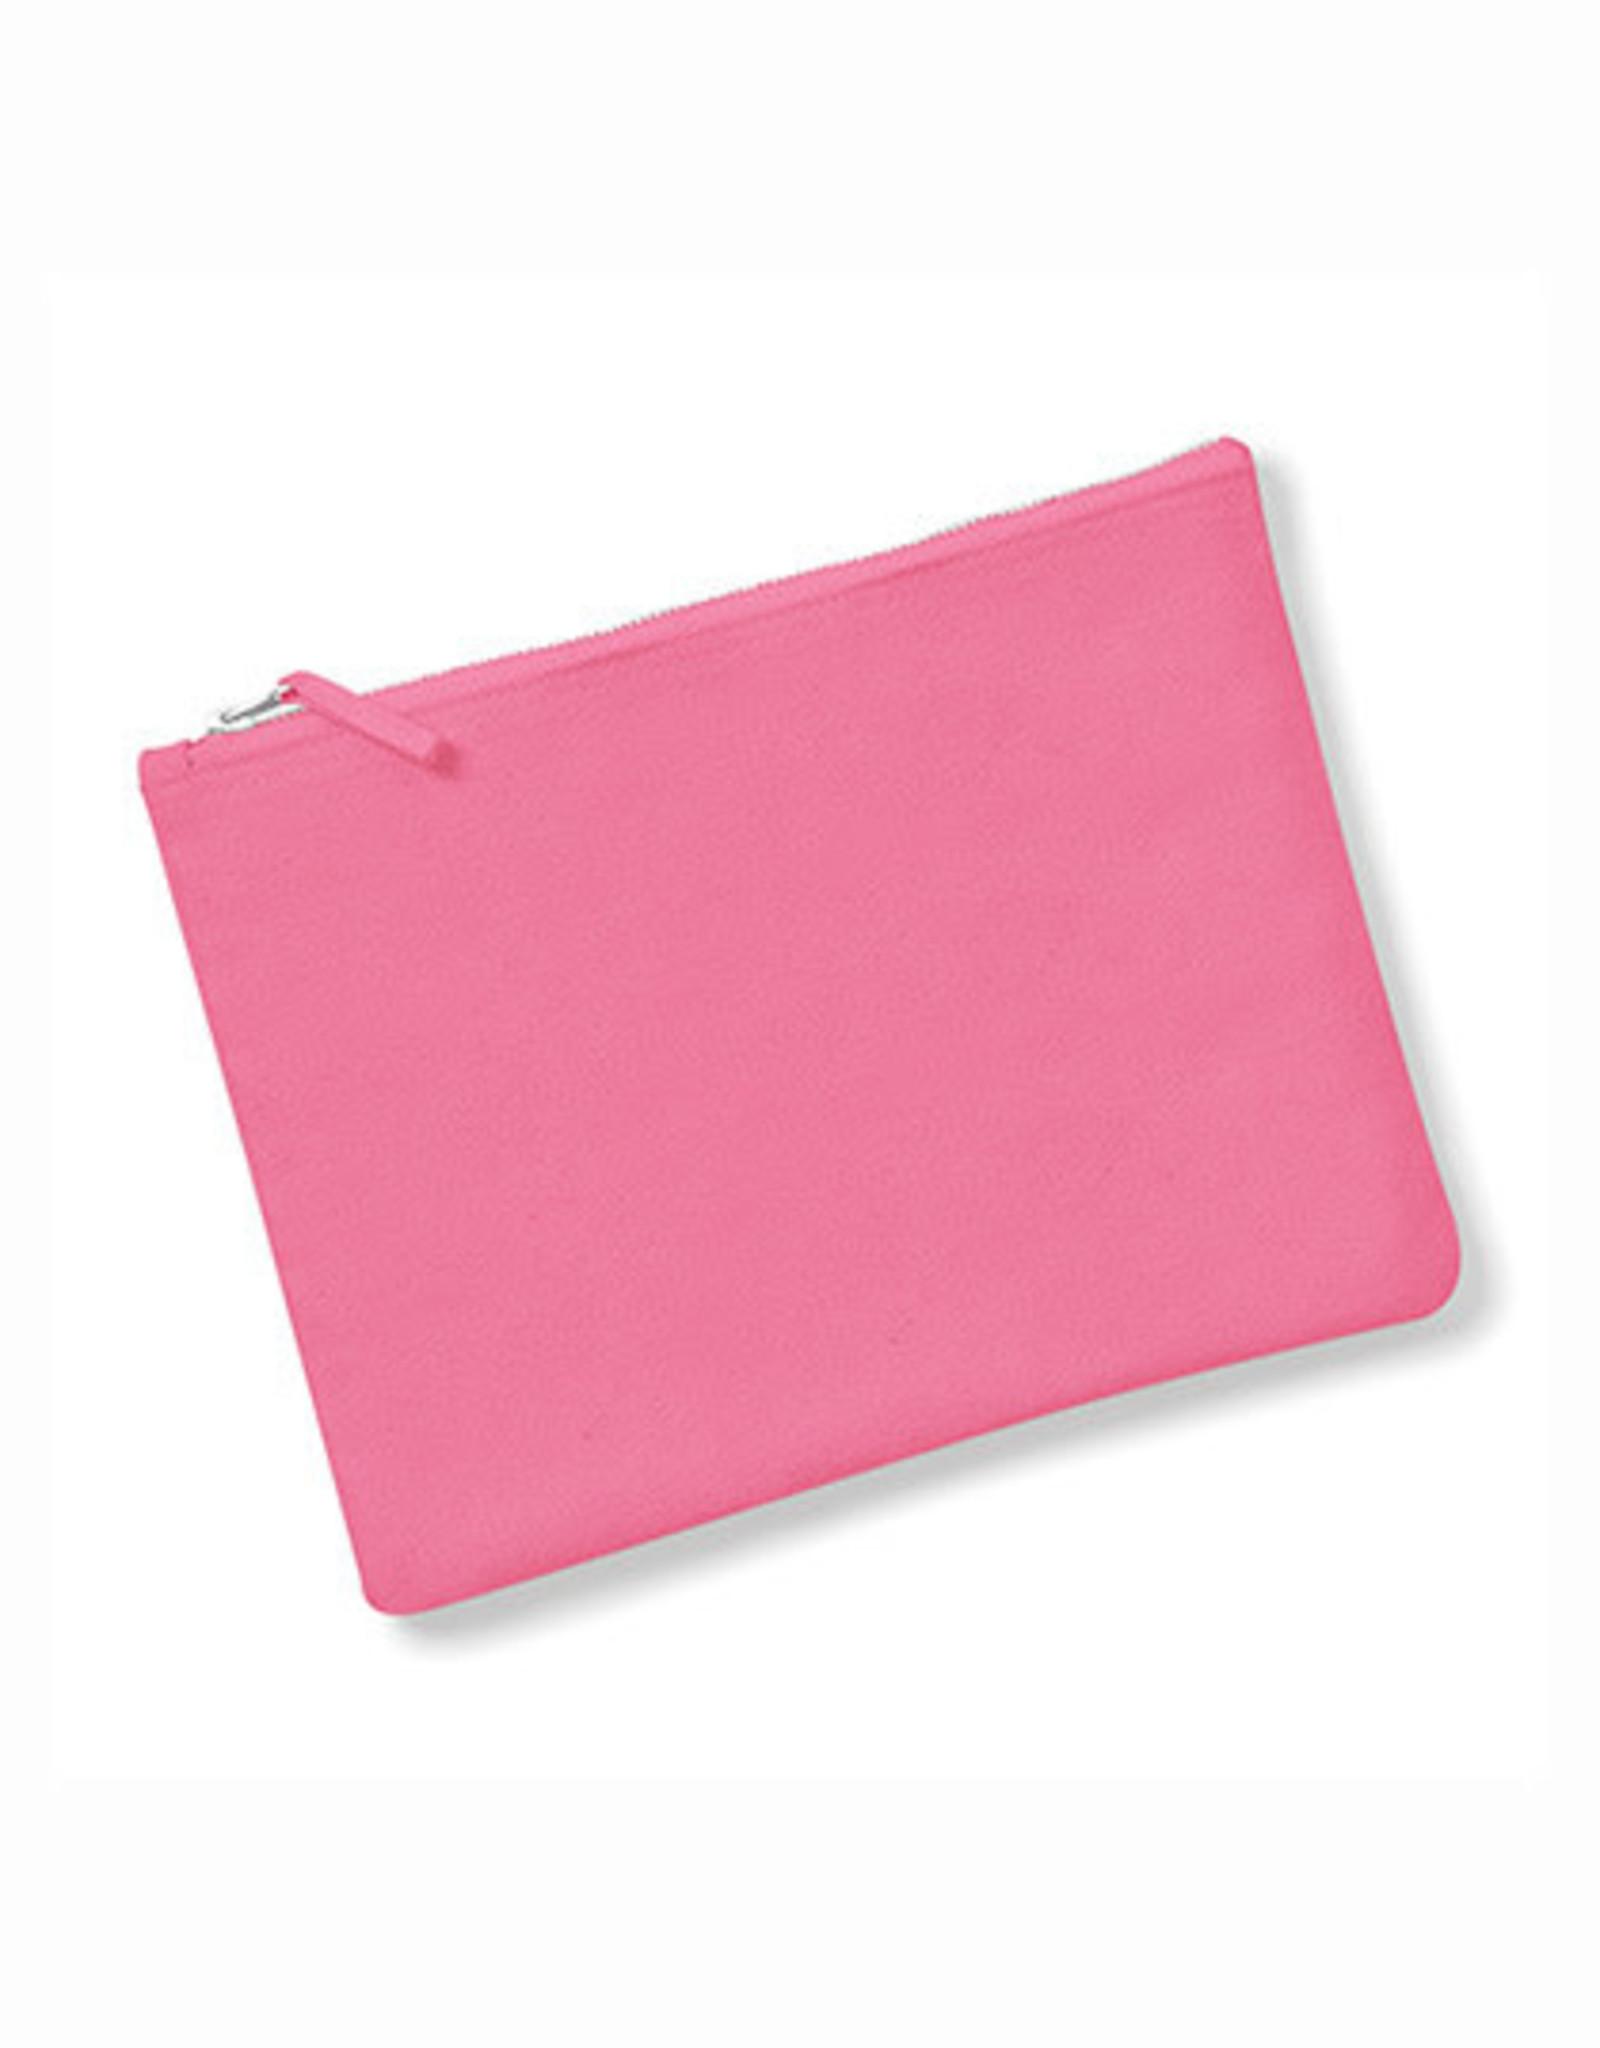 gepersonaliseerde ritstasje plat L 28 x 20 cm roze